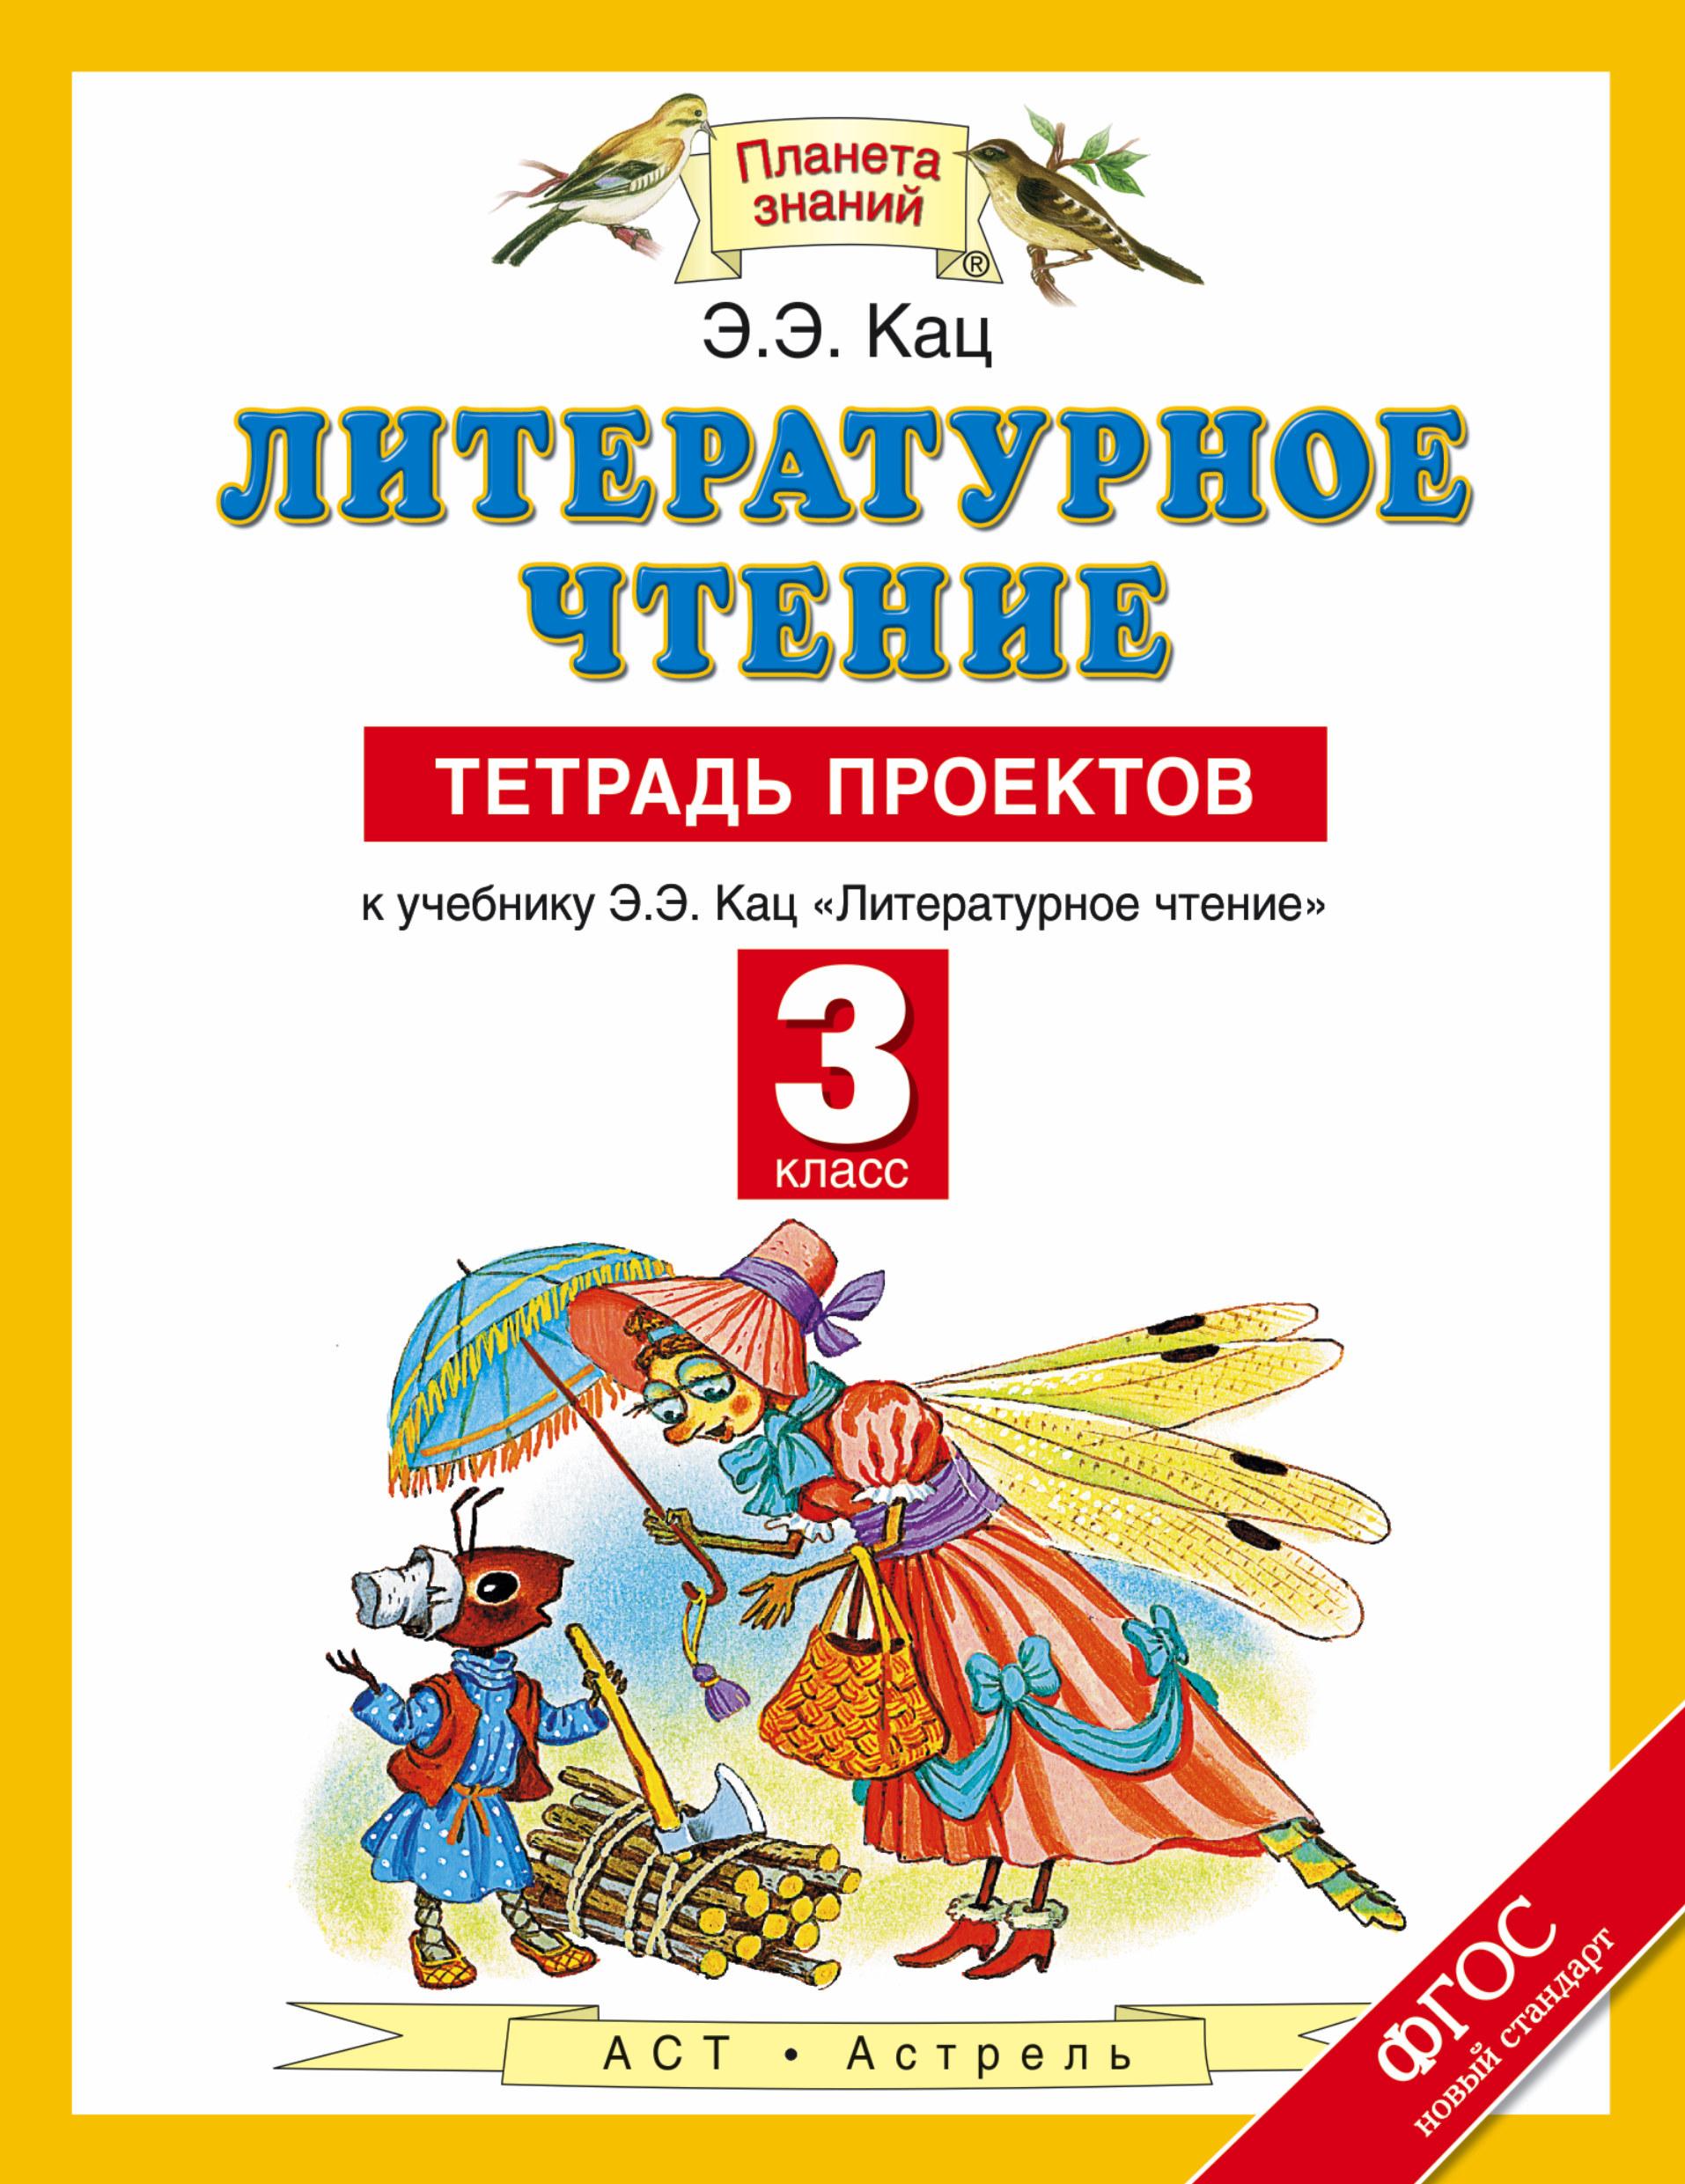 Кац Э.Э. Литературное чтение. 3 класс. Тетрадь проектов